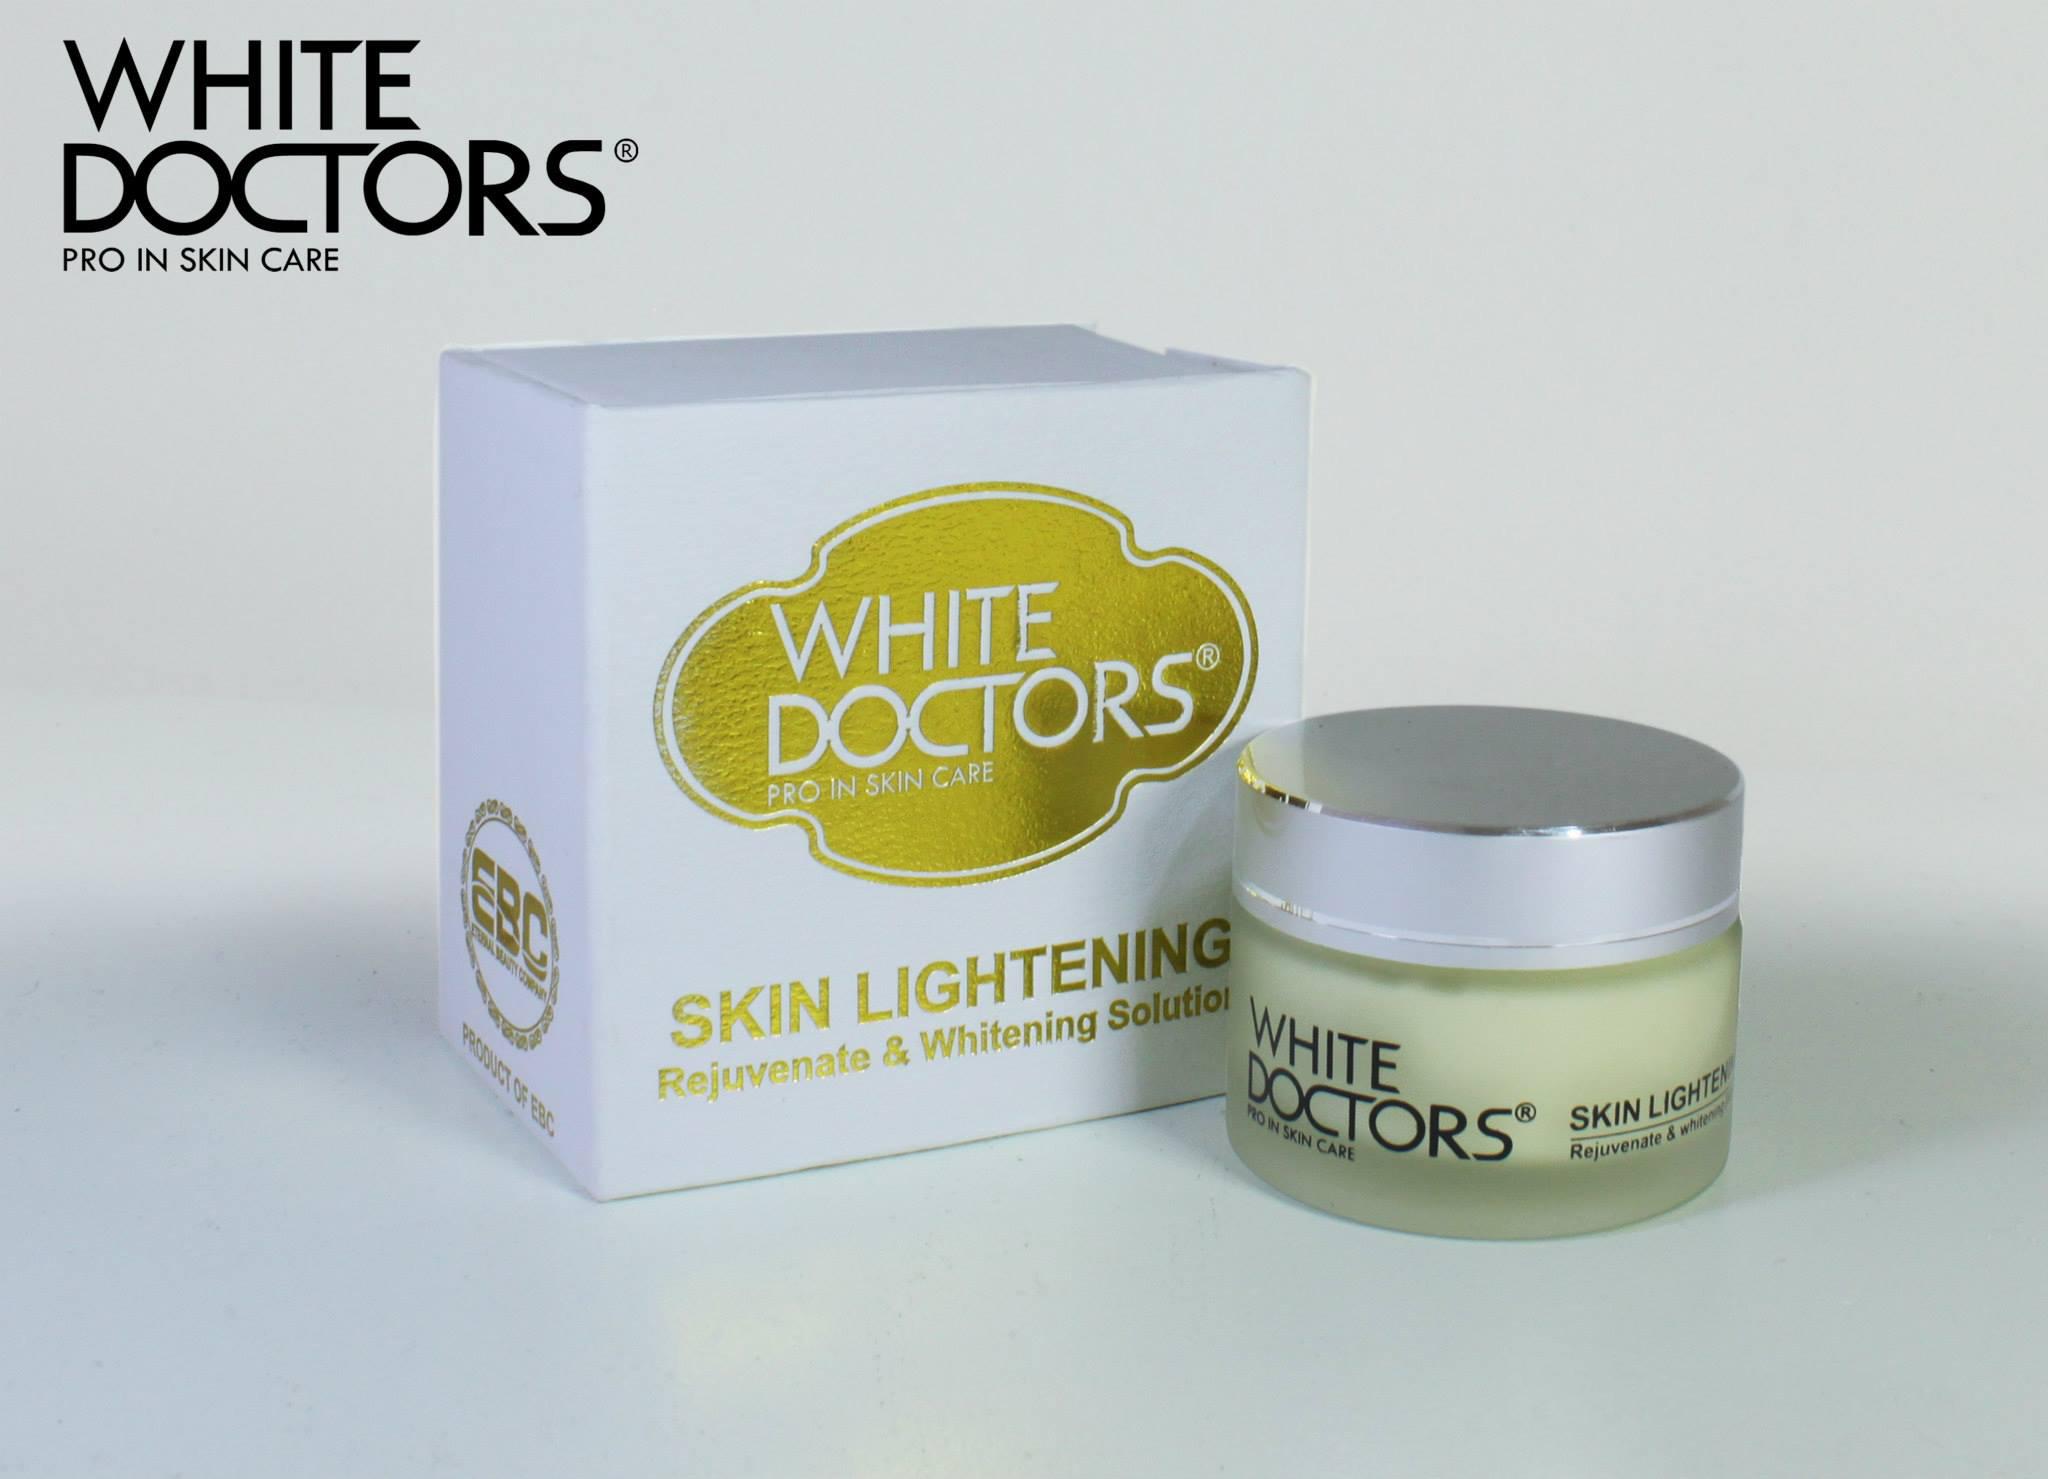 Kem làm trắng da cực kỳ hiệu quả - Nhà thuốc việt số 1 Kem-lam-trang-da-mat-white-doctors-skin-lightening